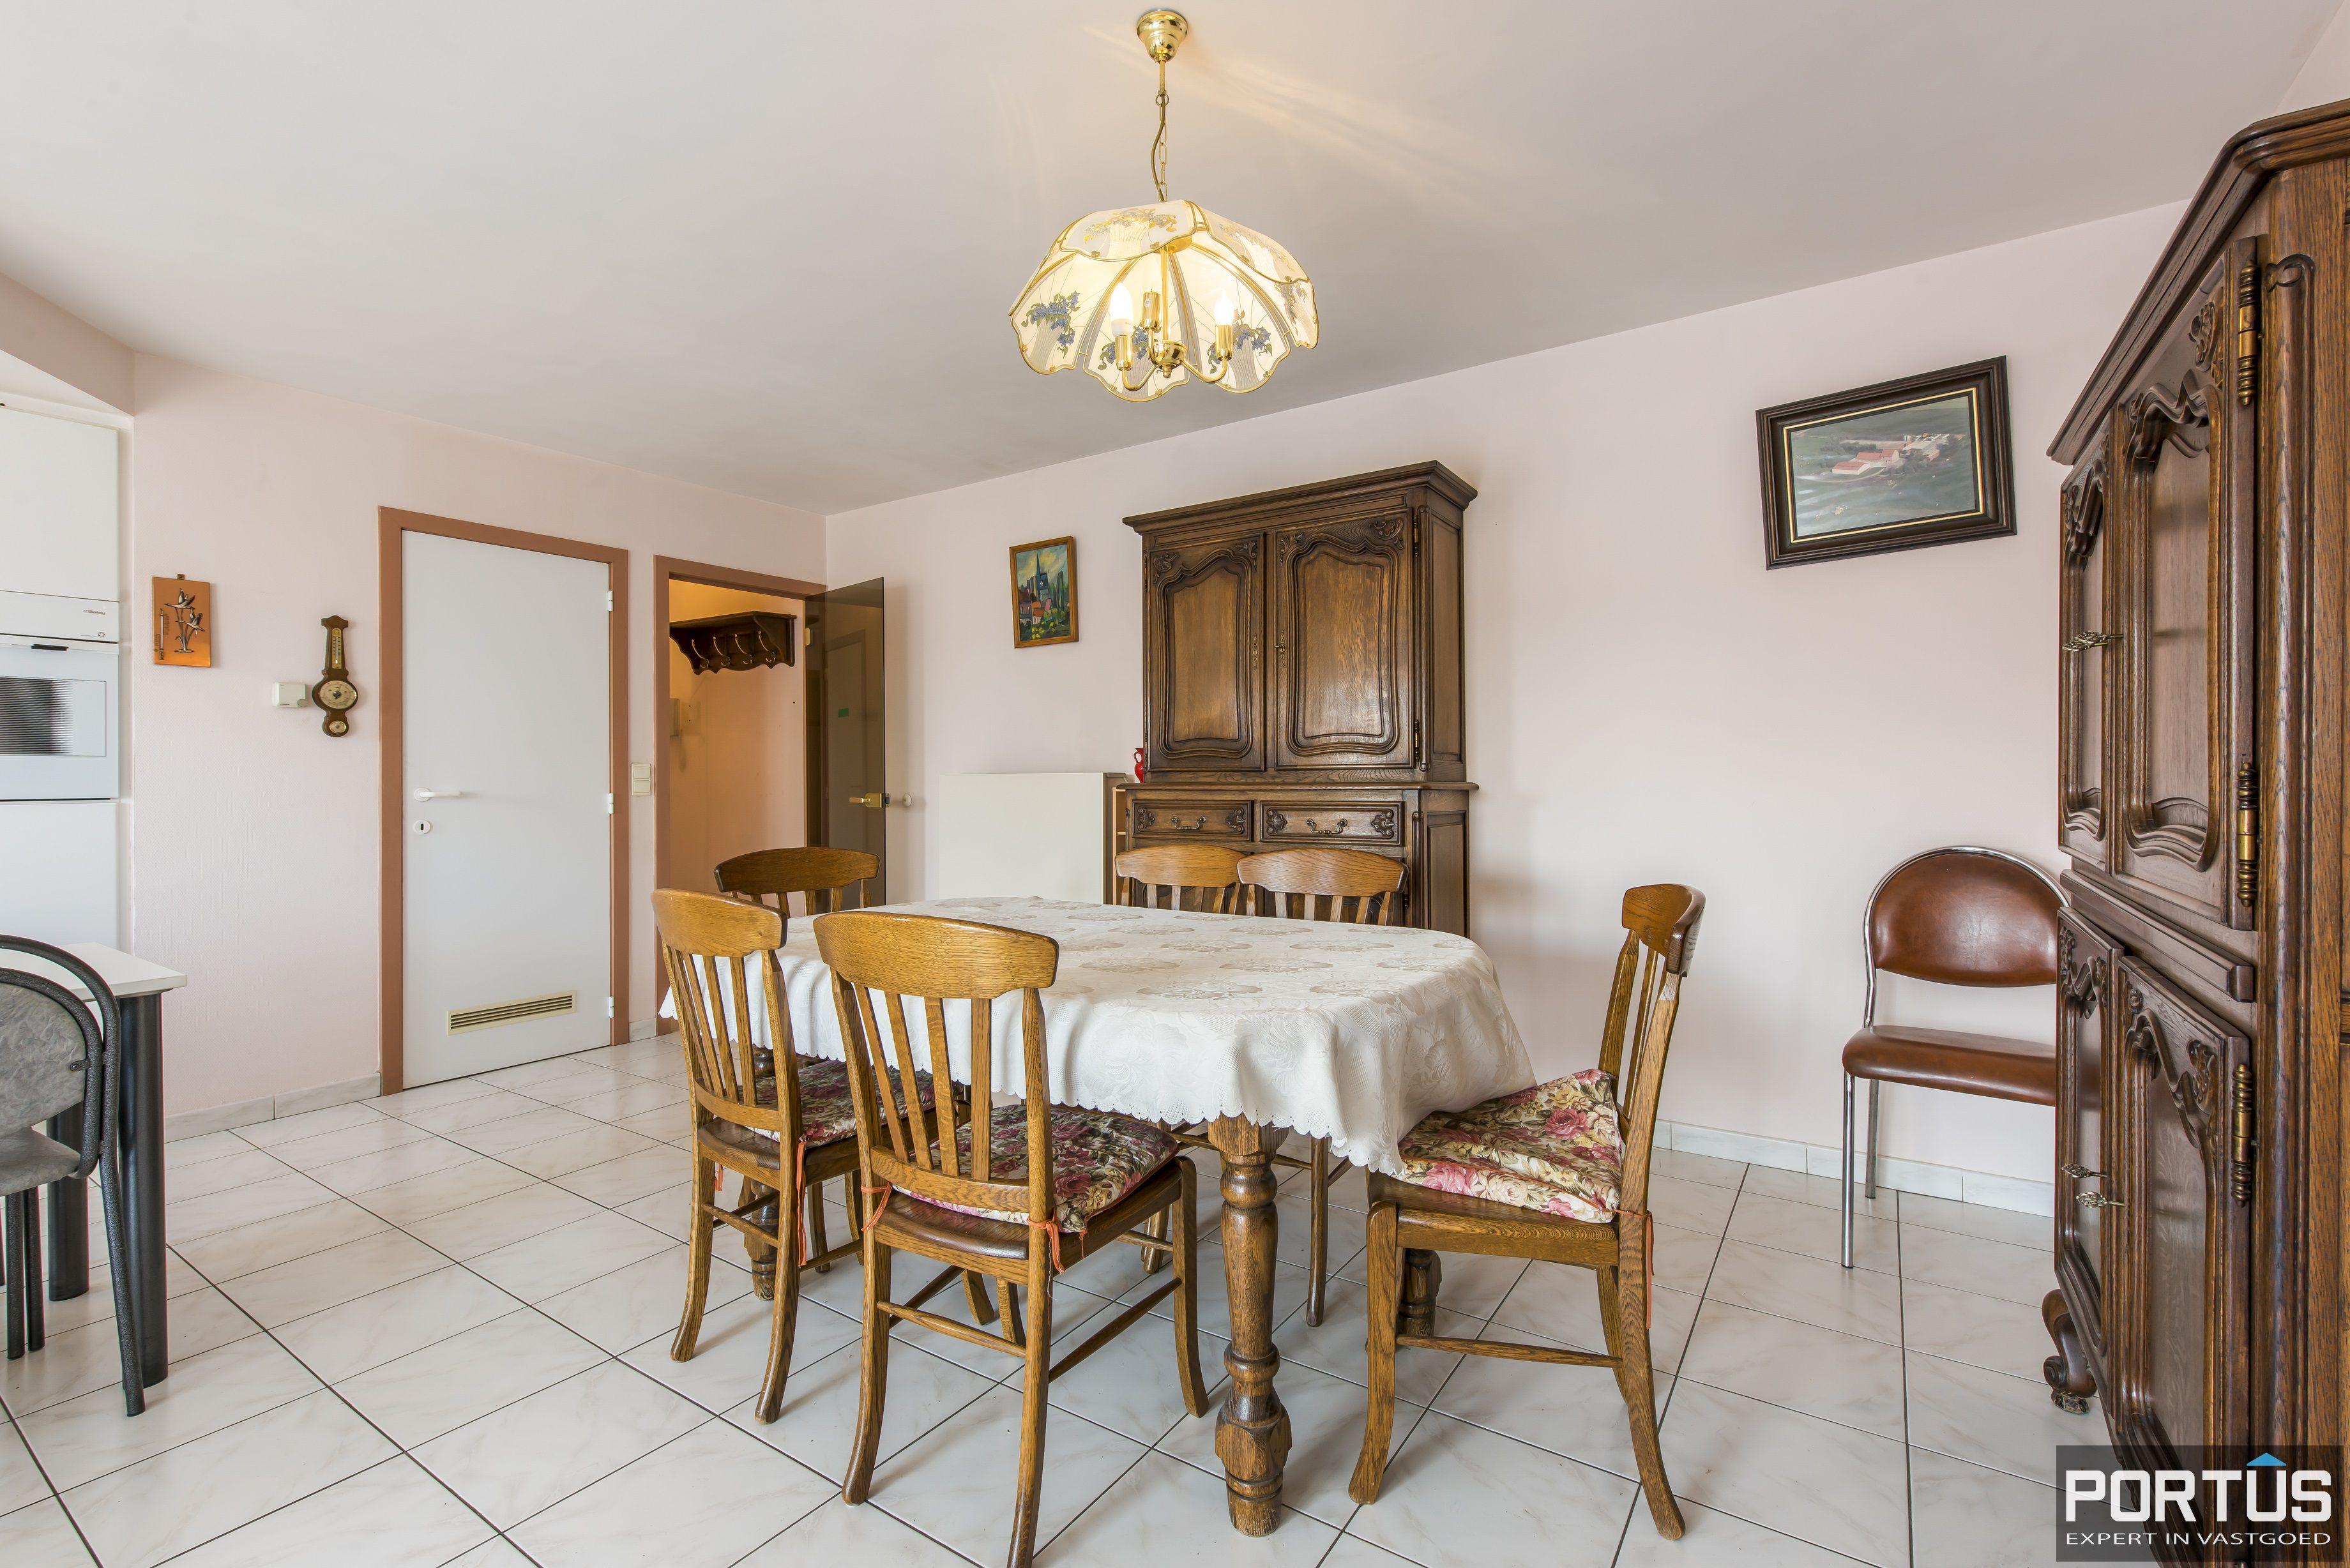 Ruim appartement met 2 slaapkamers te koop te Nieuwpoort-Stad - 11194